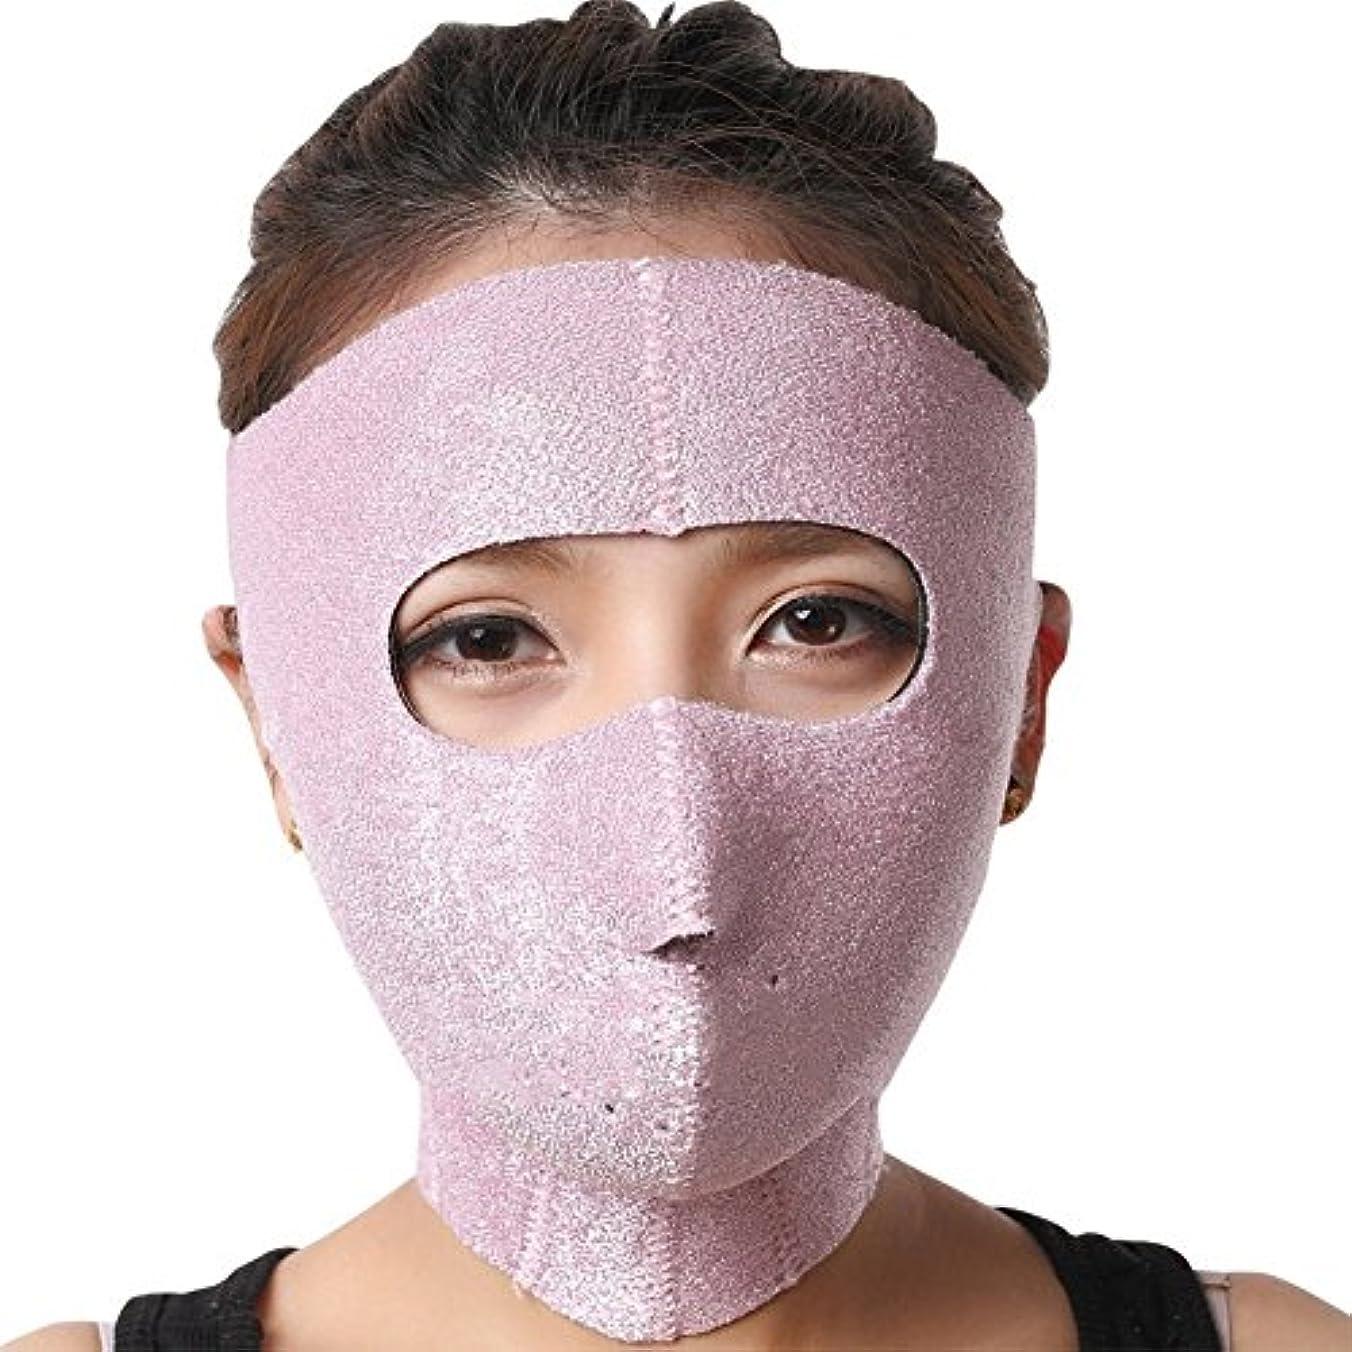 ラウズボイドその後汗だくマスク 小顔 サウナ マスク 汗 発汗 フェイス 顔 TEC-KONARUD